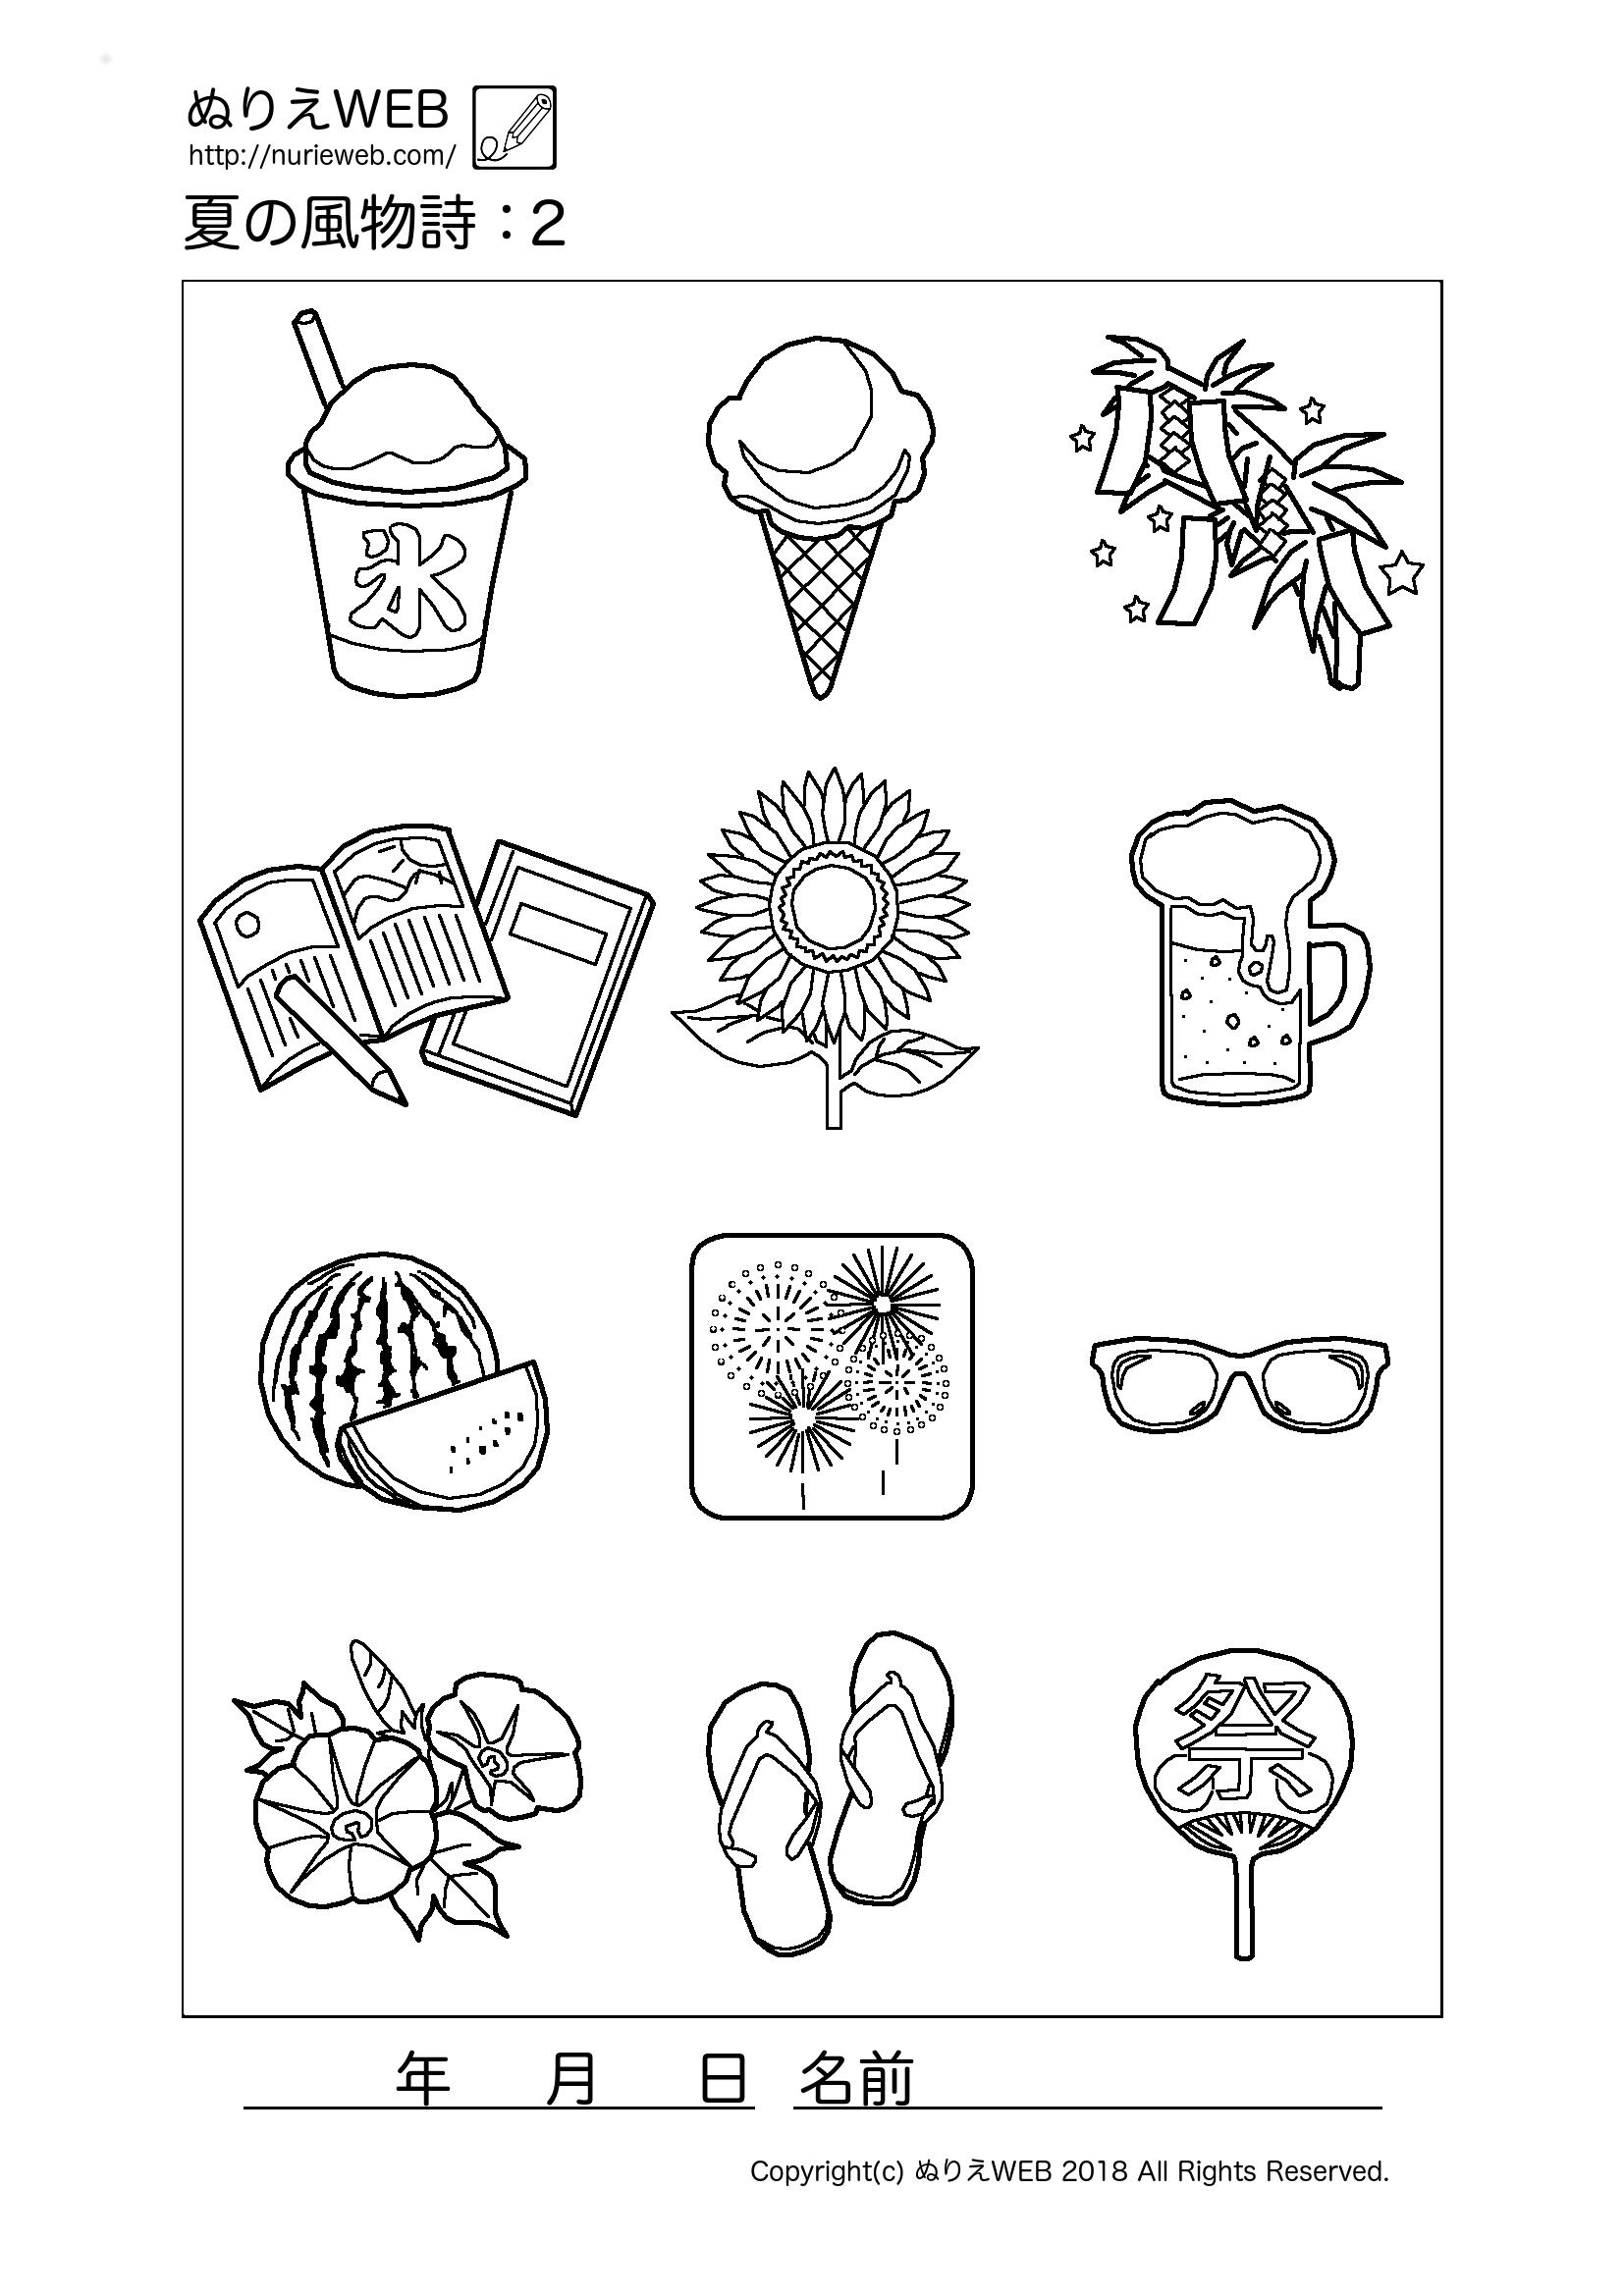 ぬりえweb夏の風物詩塗り絵 ぬりえweb コレクション Cards と